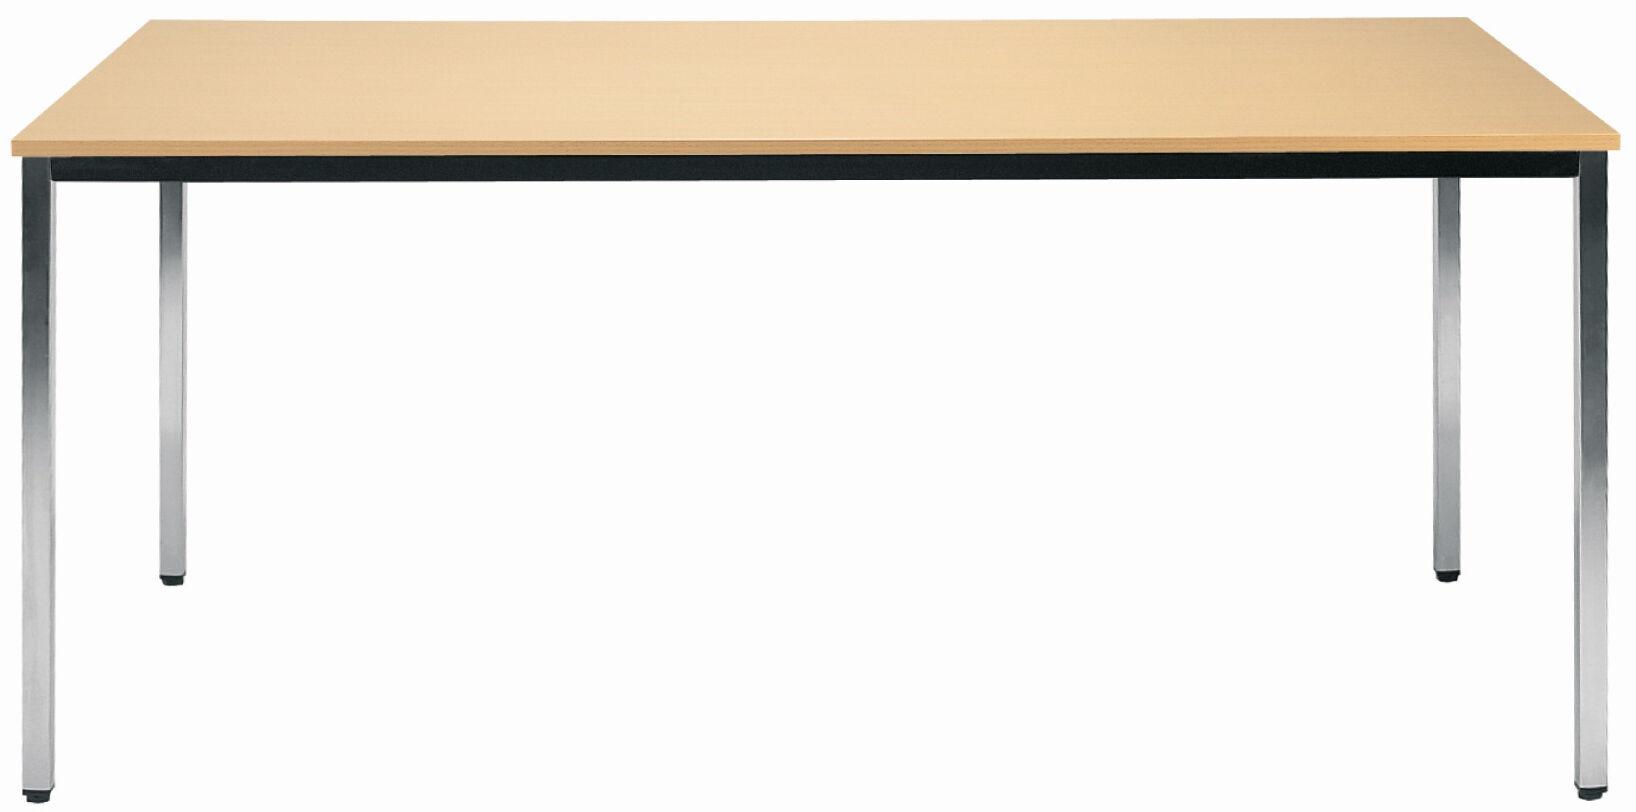 Stół Simple 1400x800 Nowy Styl